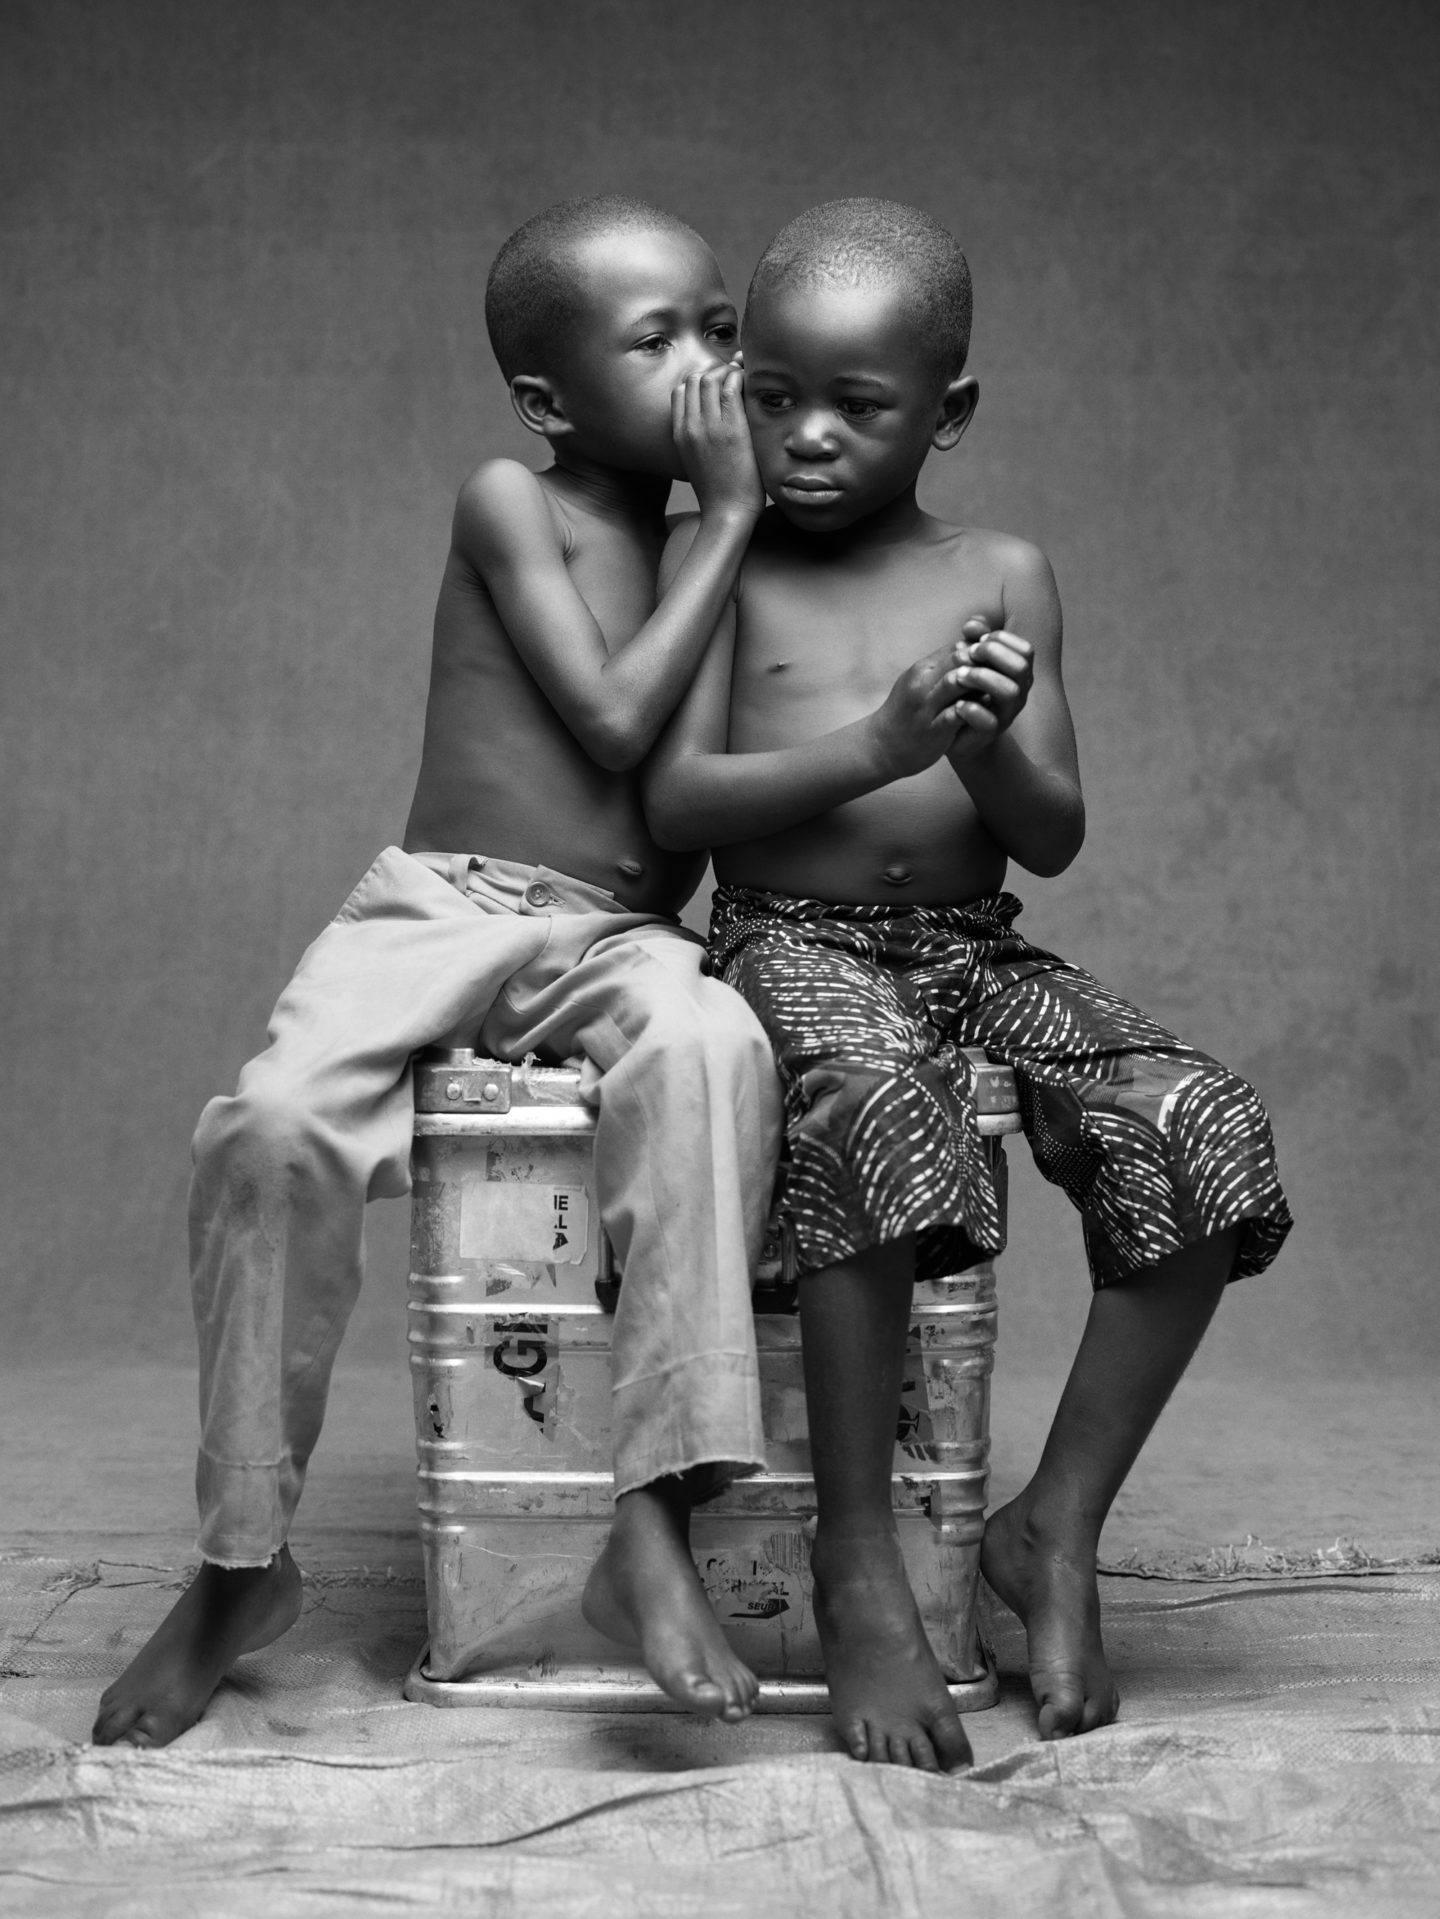 IGNANT-Print-Pieter-Henket-Congo-Tales-67